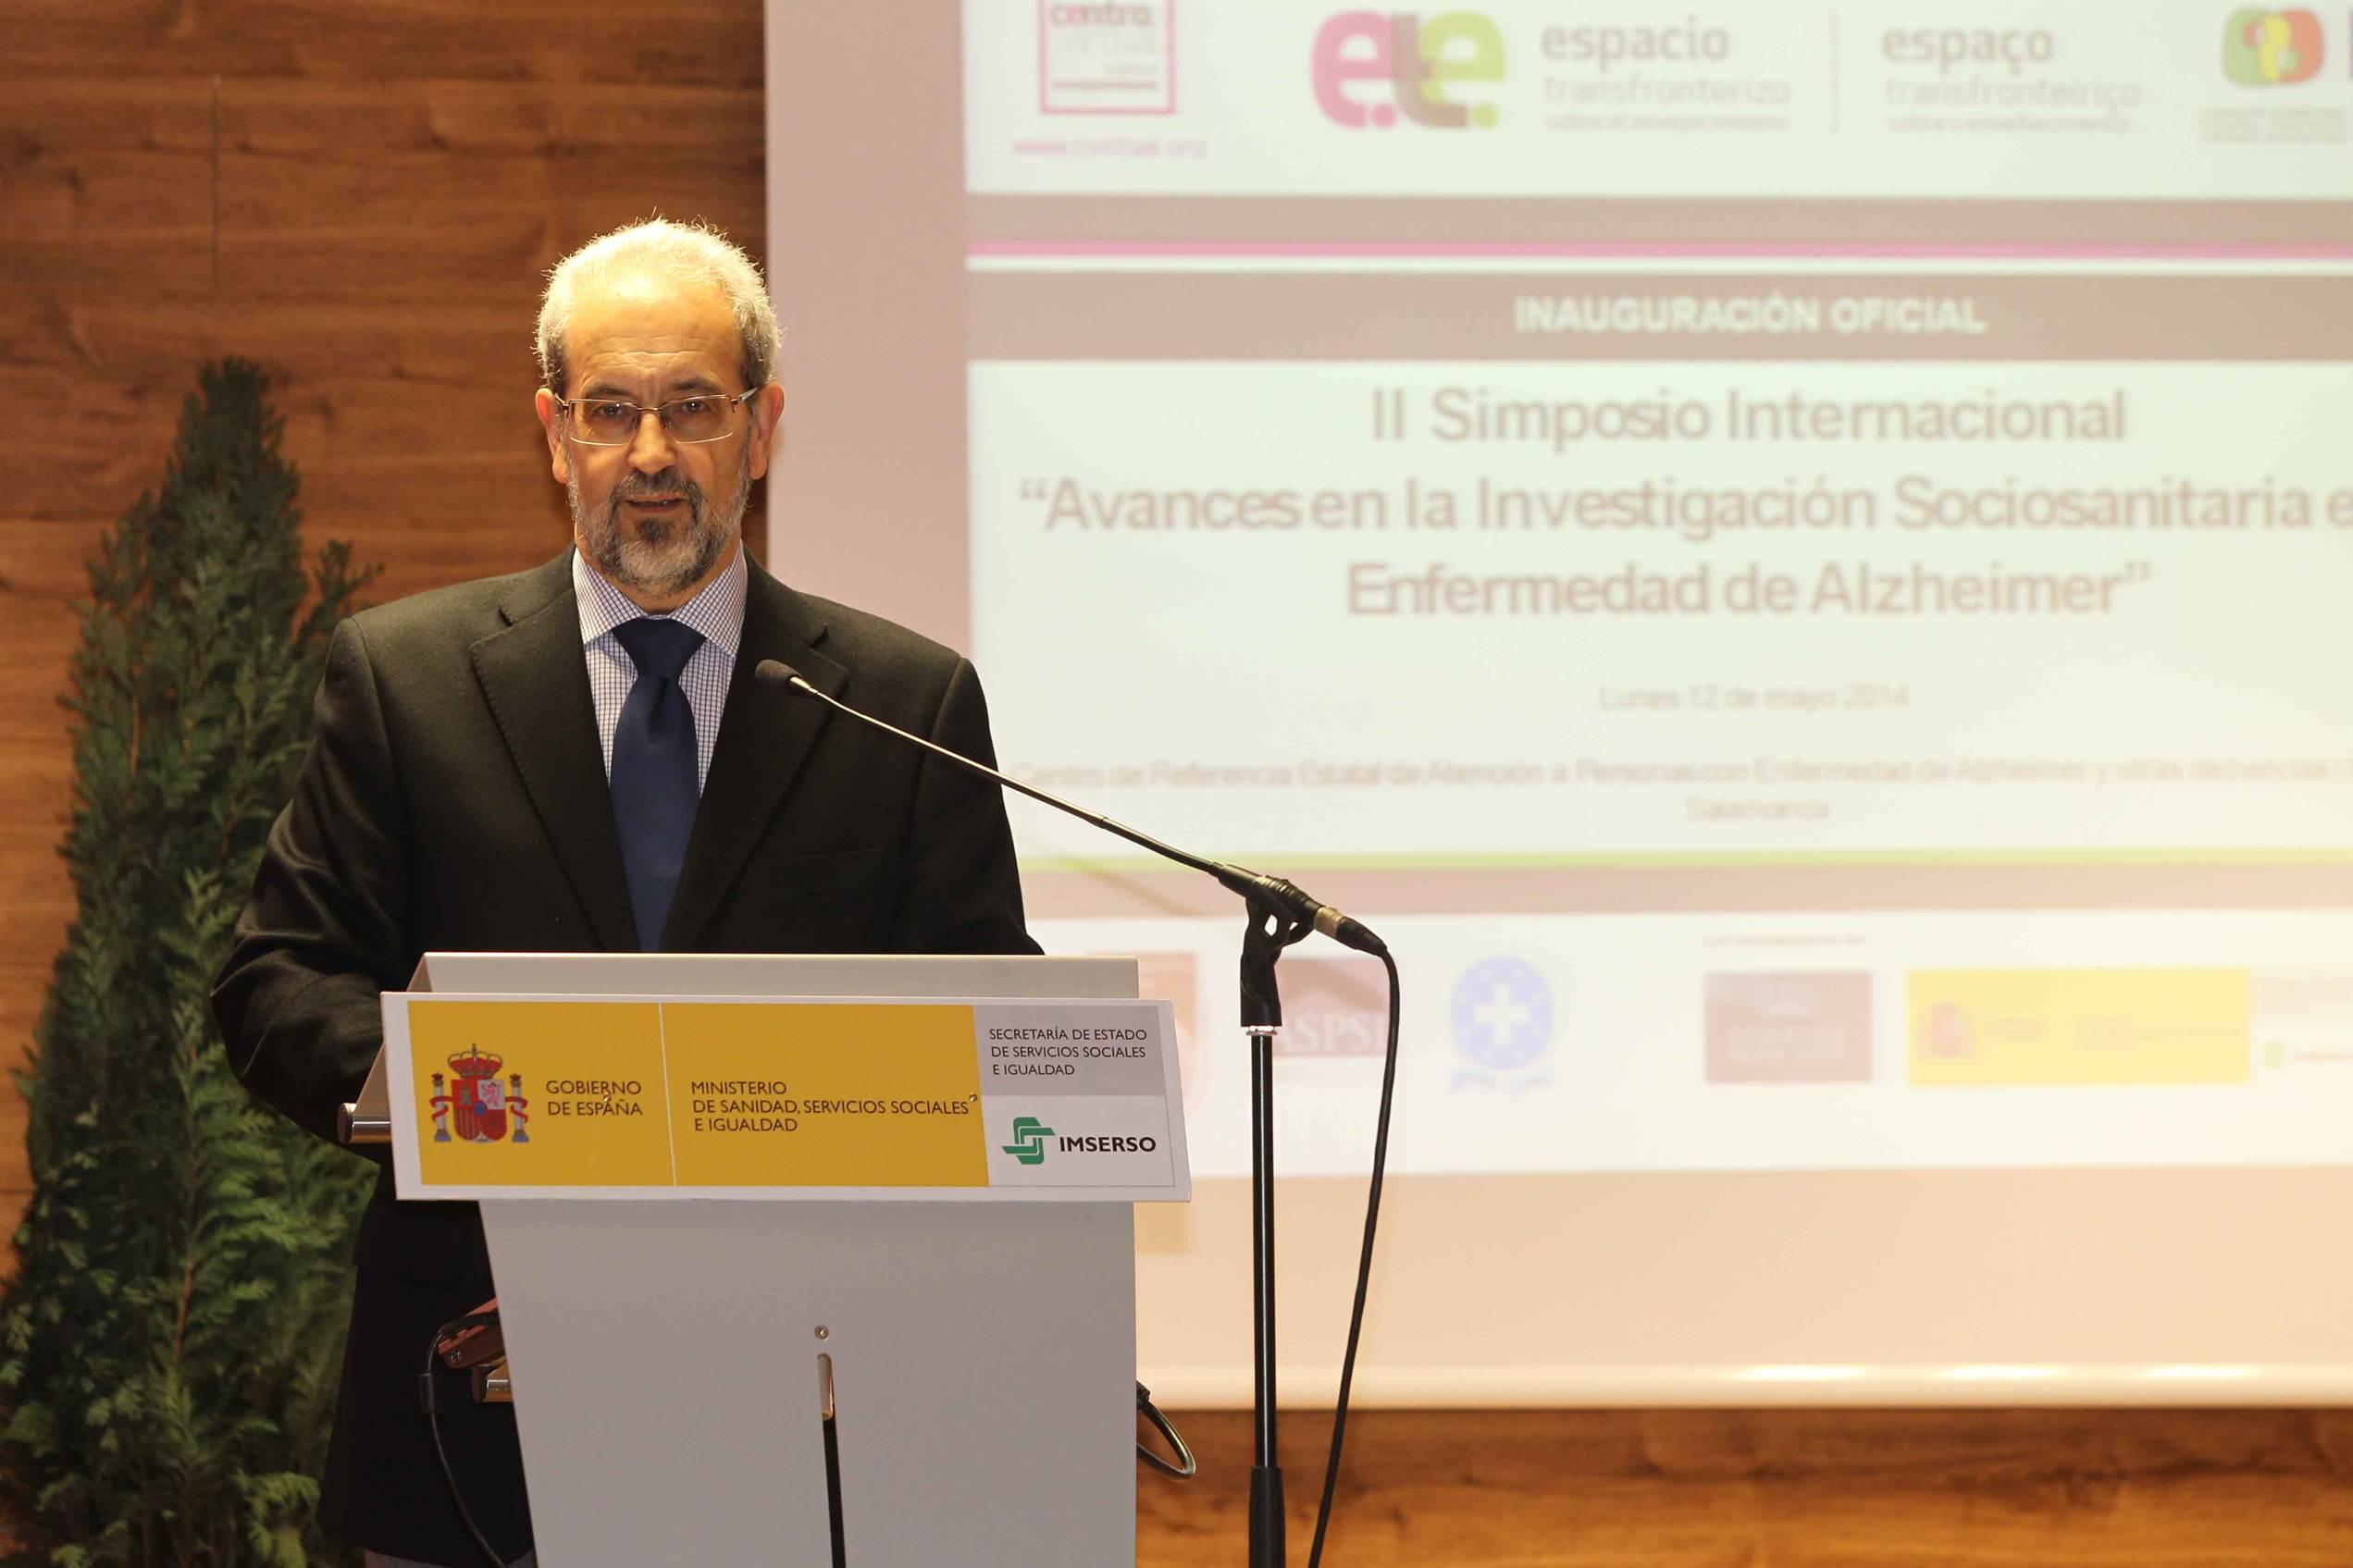 La Reina Sofía inaugura el II Simposio Internacional 'Avances en la investigación sociosanitaria en la enfermedad de Alzheimer'